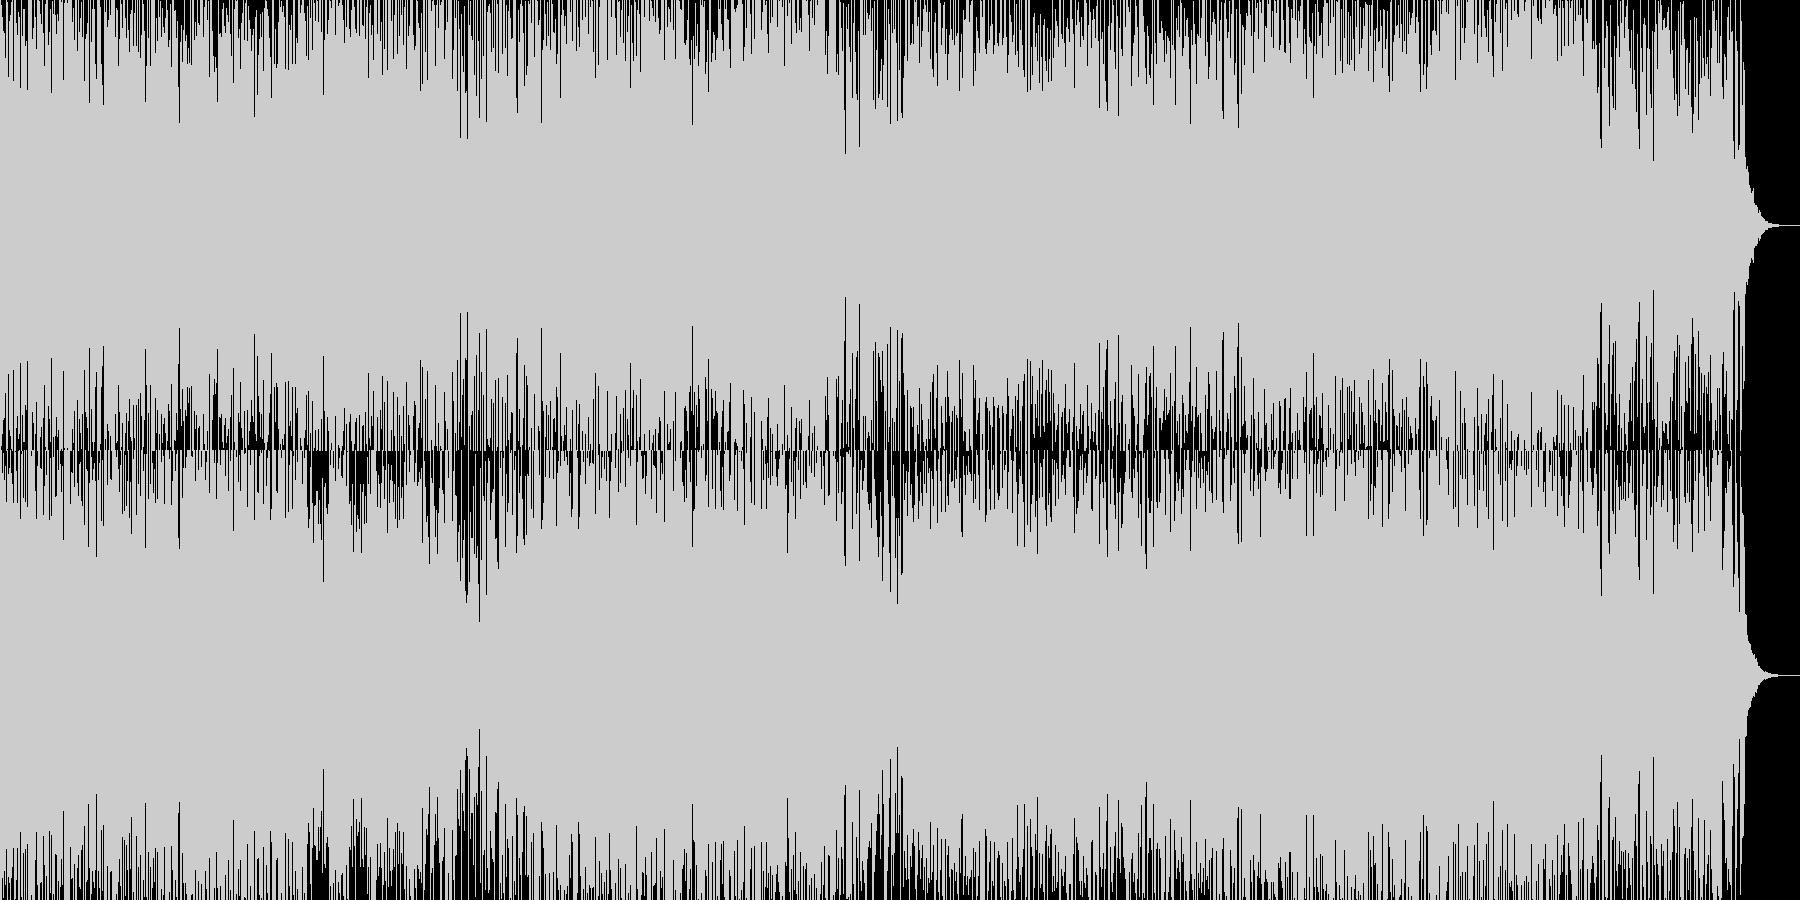 バンドネオンと激しいリズム隊の勇敢な曲の未再生の波形